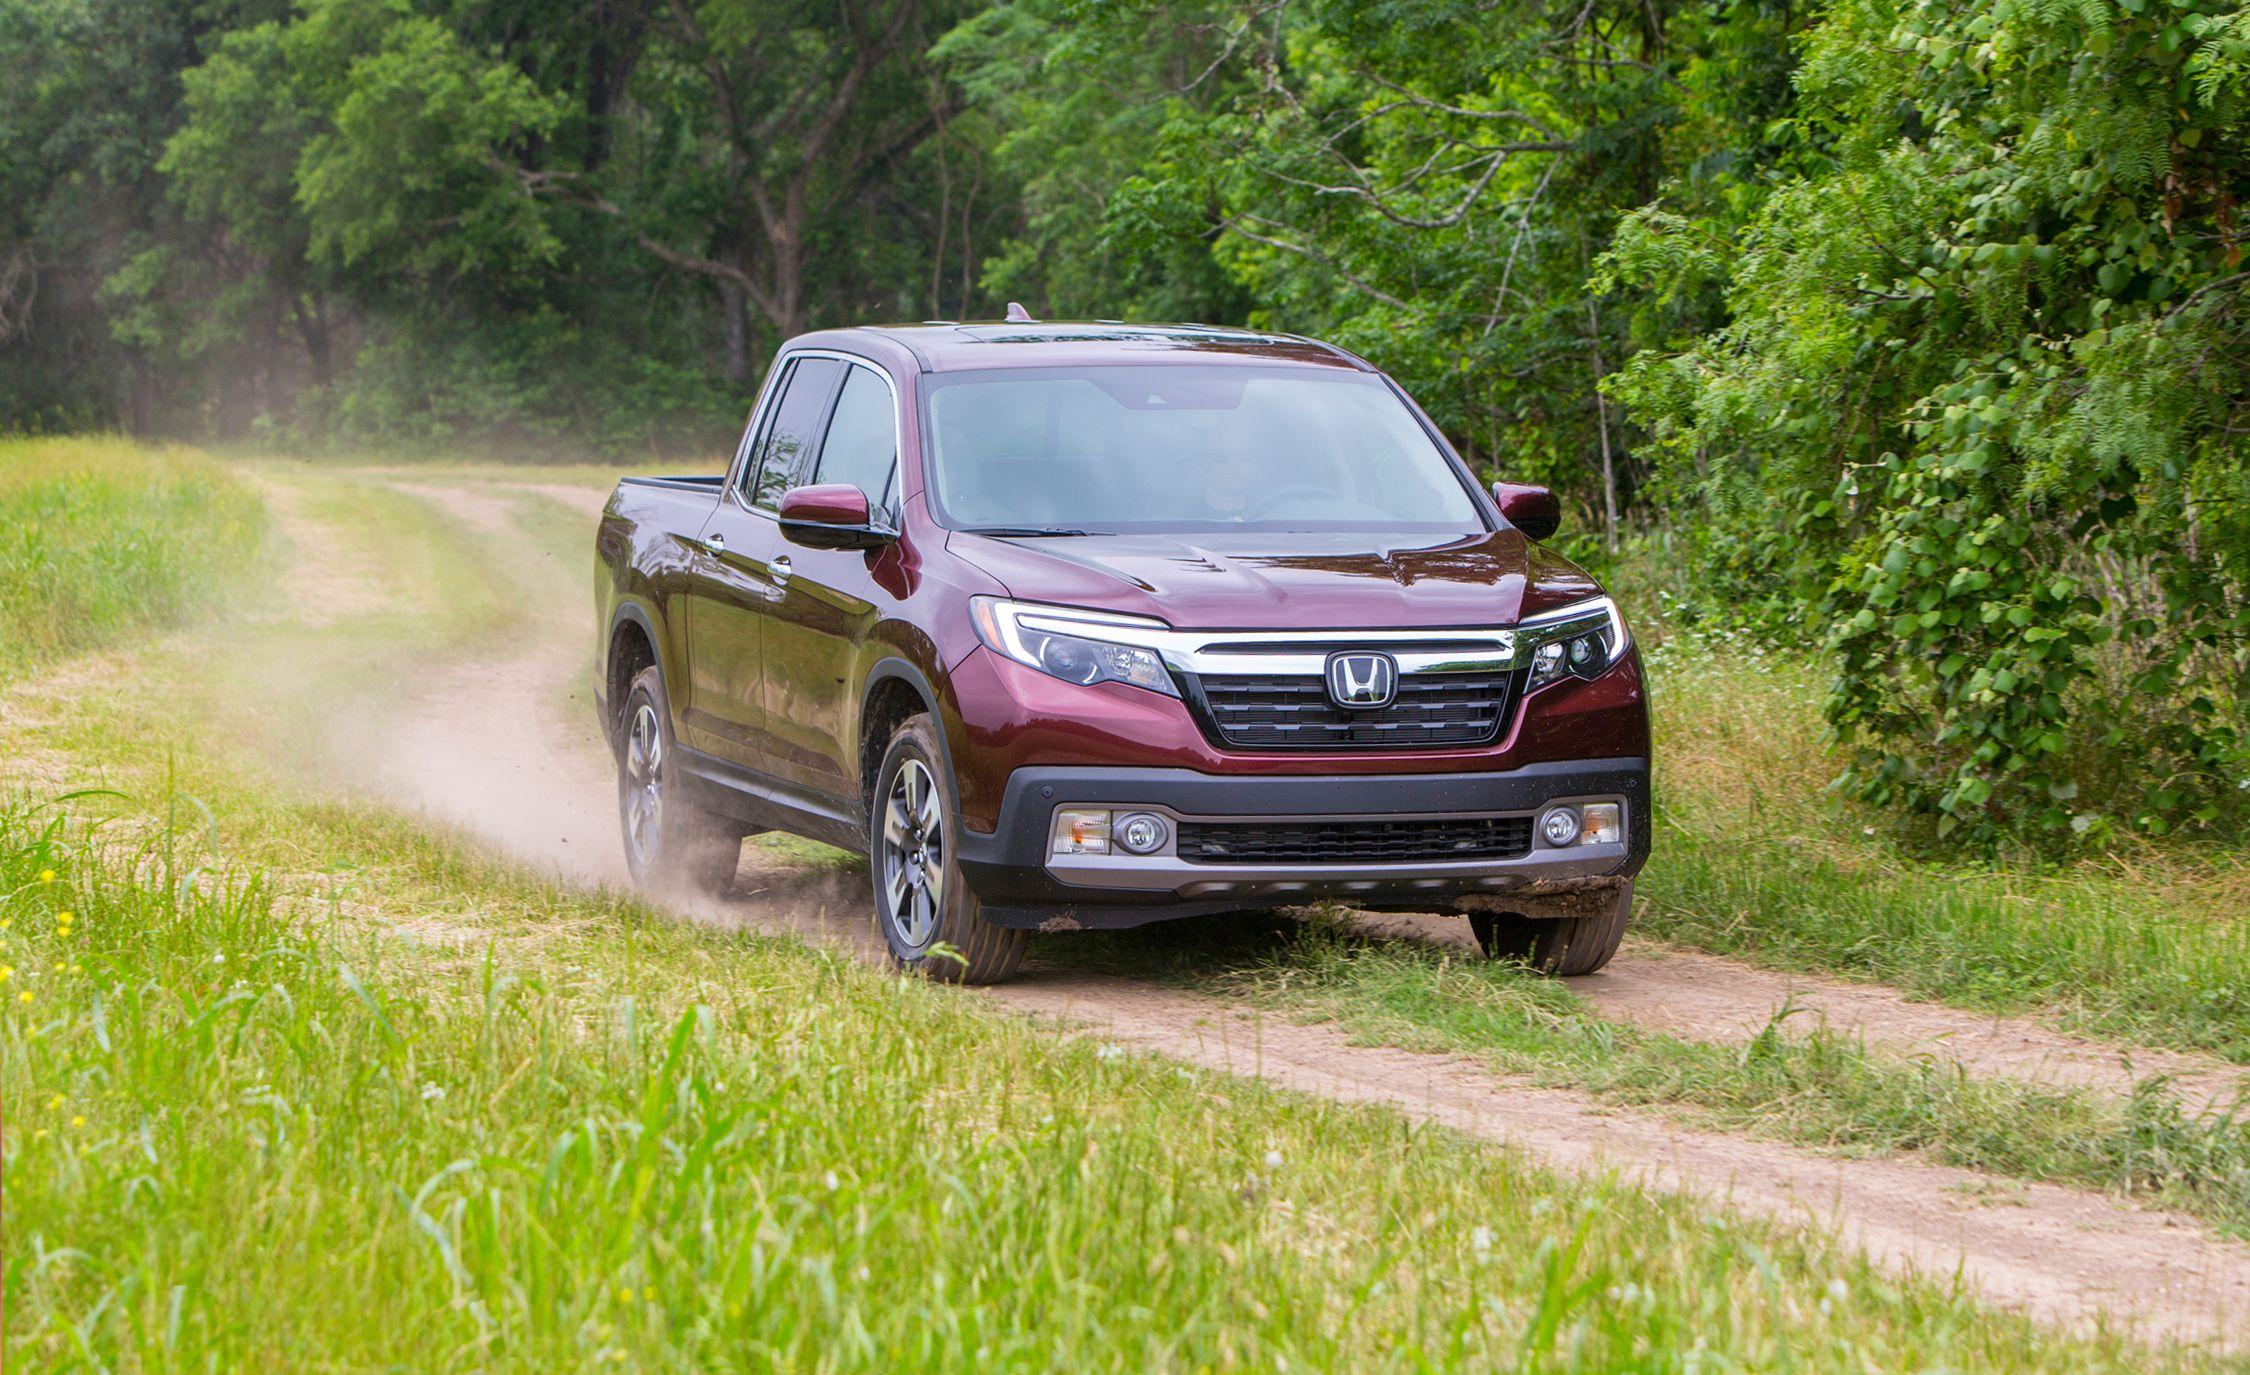 Image Result For Ridgeline Honda Hp